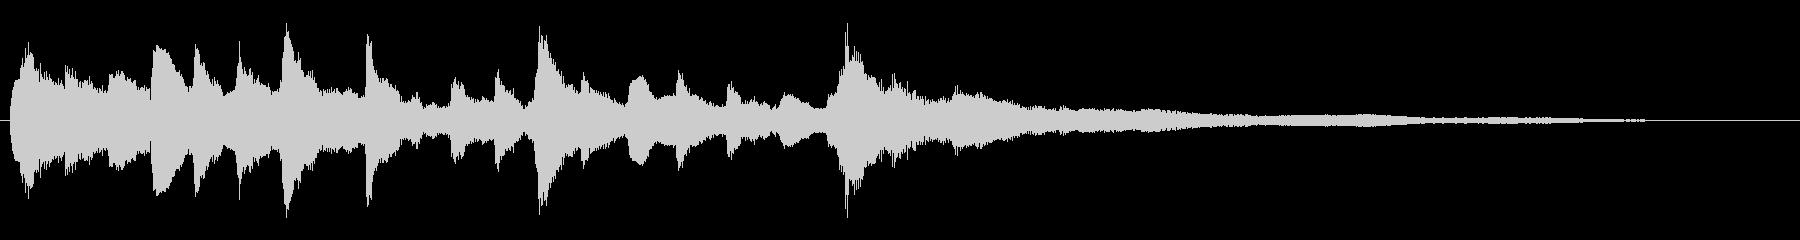 キラキラ輝くイメージ ピアノのジングルの未再生の波形